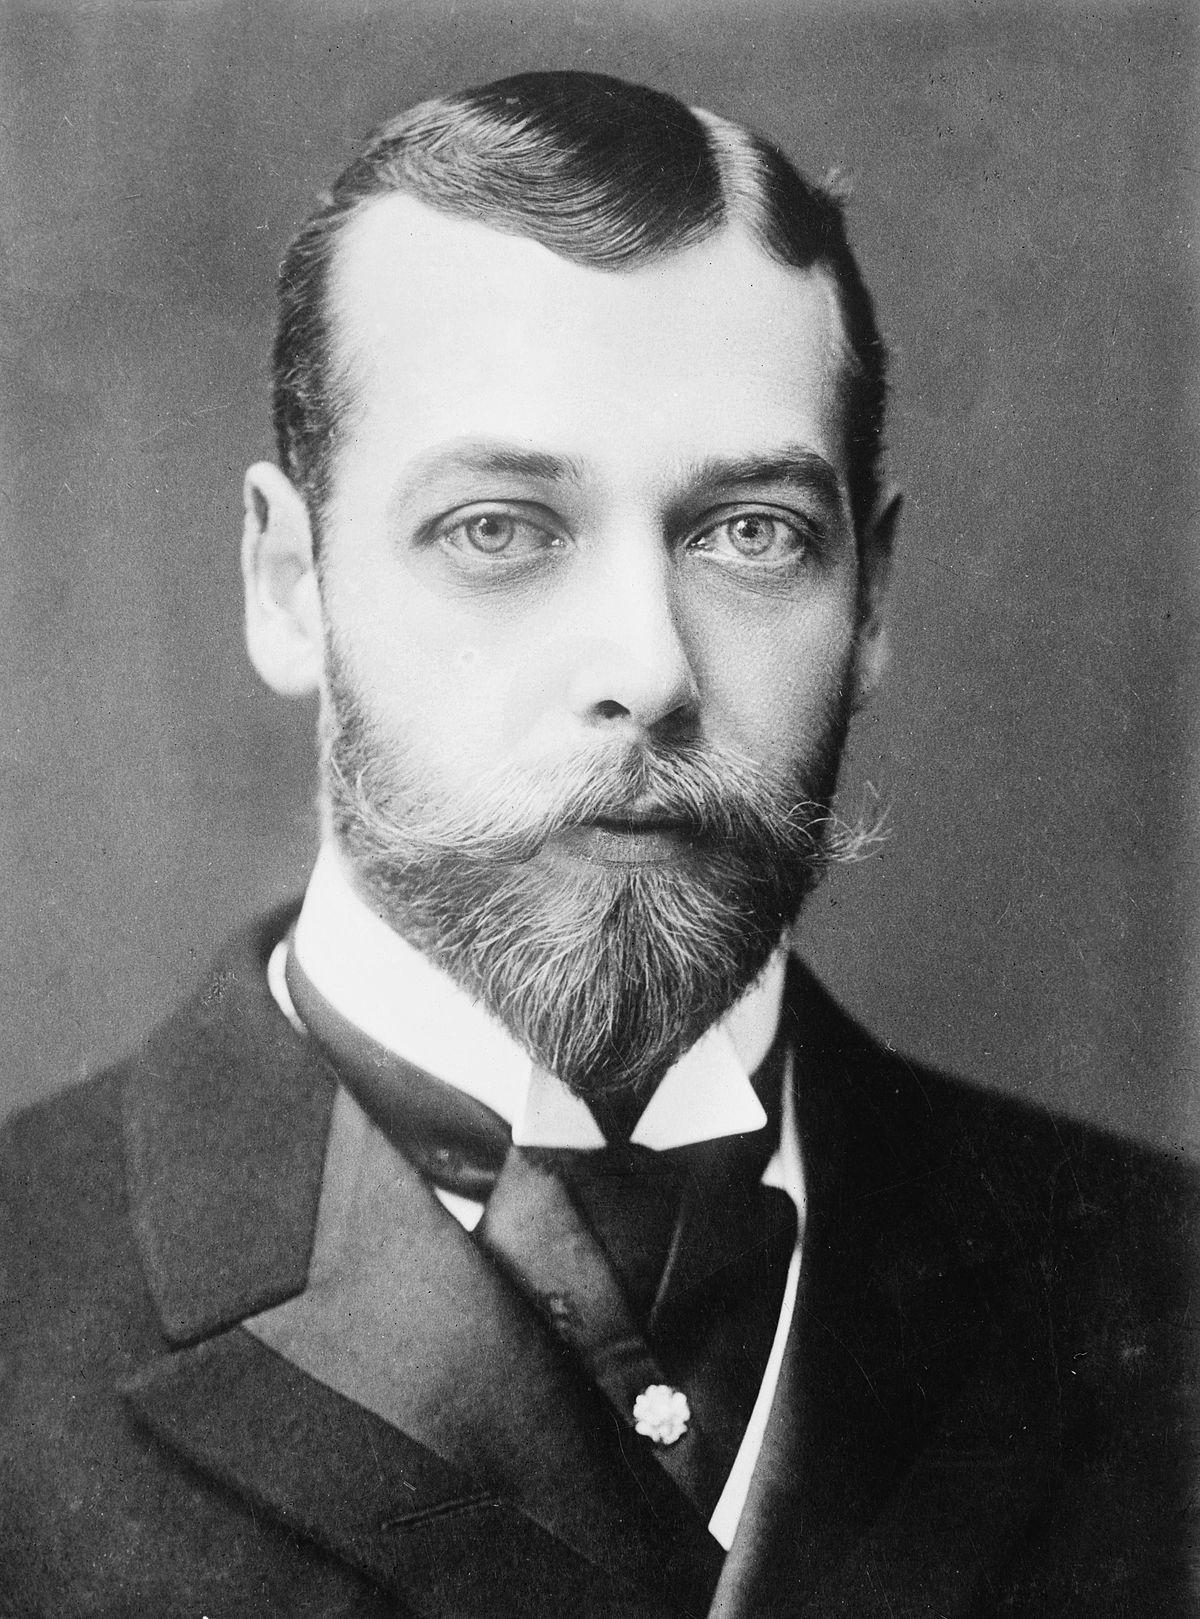 Jeune homme aux yeux pales avec une moustache et une barbe